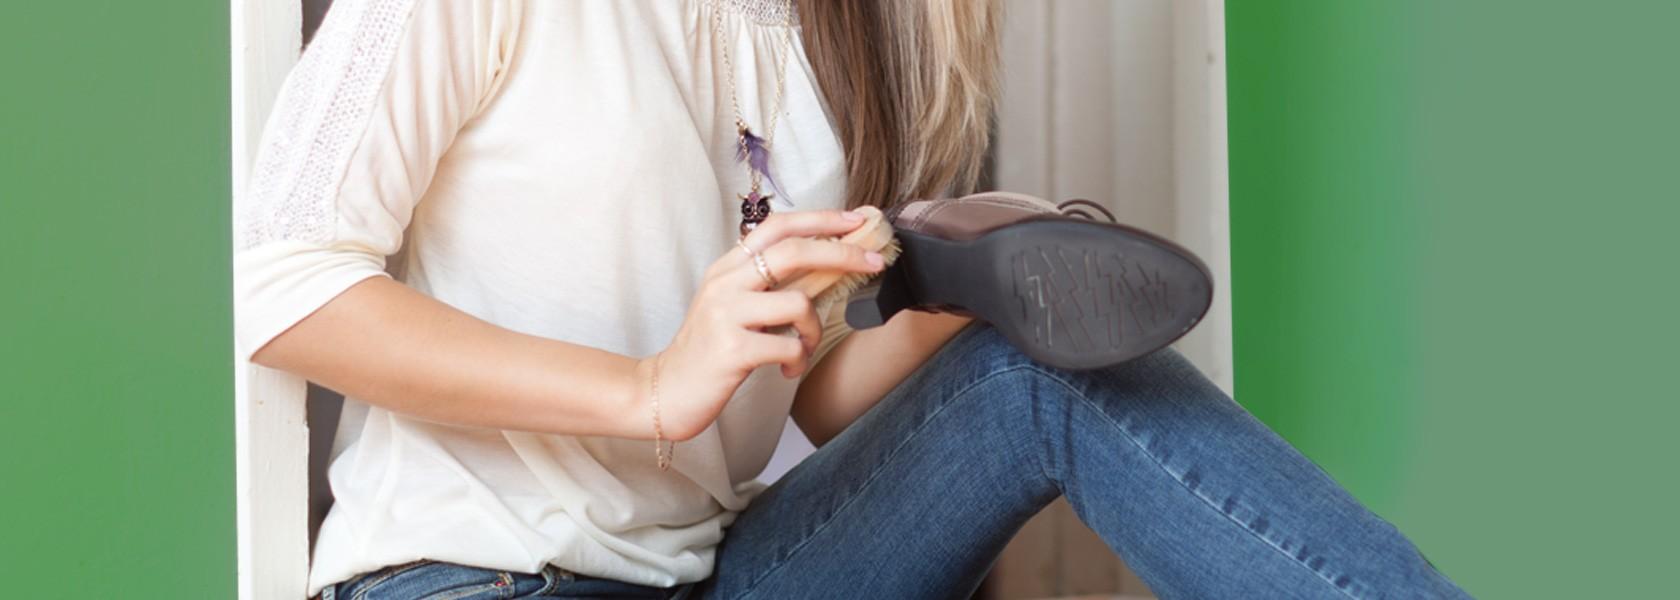 Frau in weißem Shirt pflegt ihre Stiefeletten mit Schuhcreme.